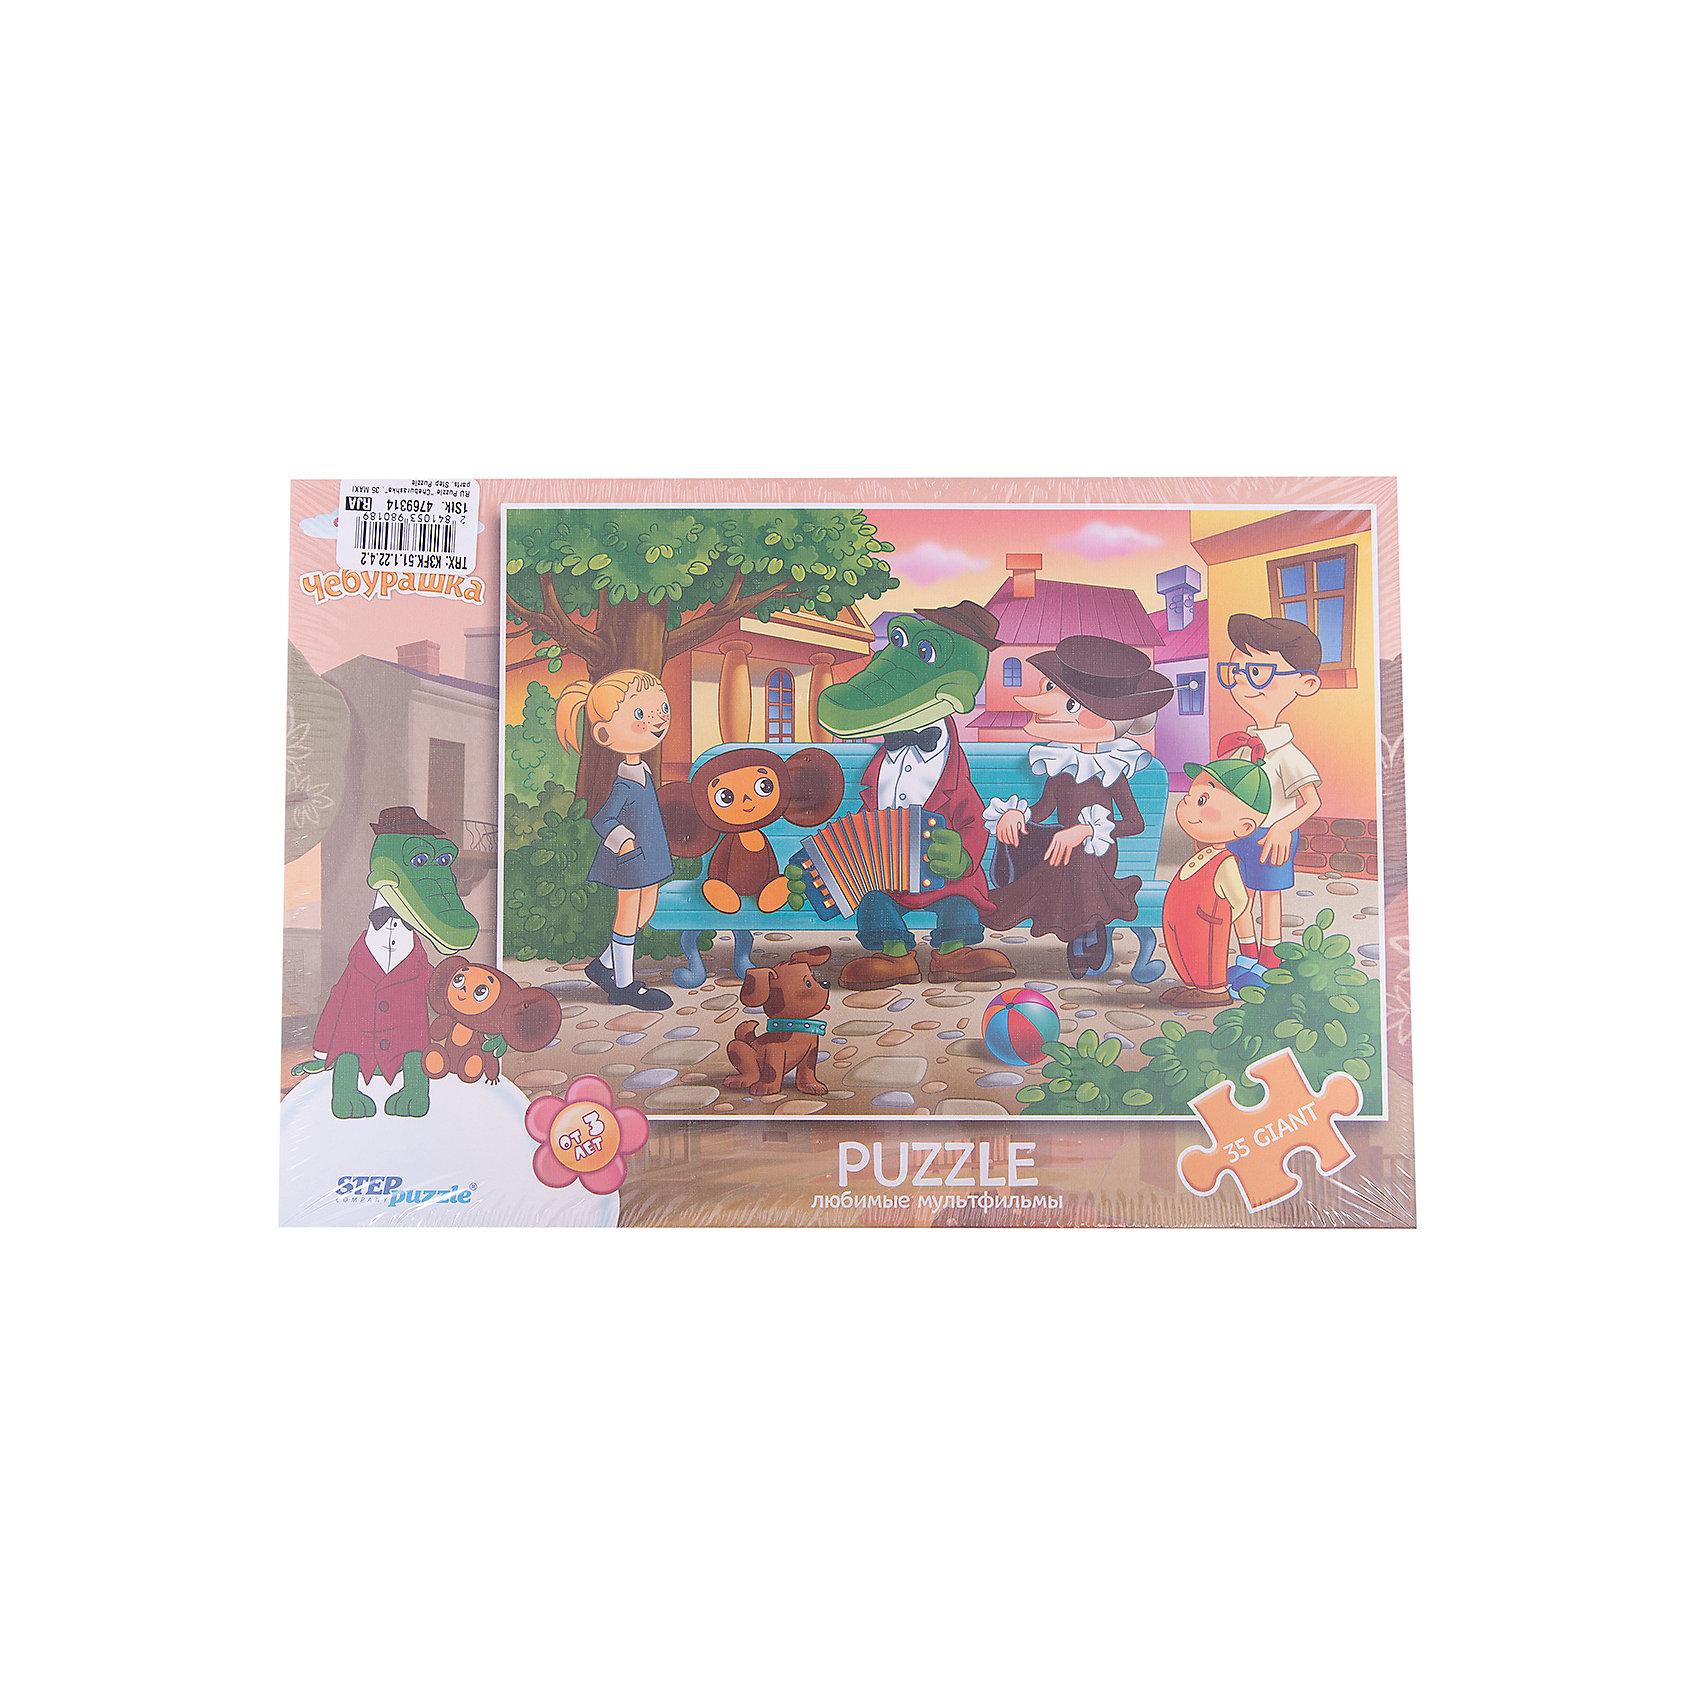 Пазл Чебурашка, 35 MAXI деталей, Step PuzzleПазлы для малышей<br>Пазл Чебурашка, 35 MAXI деталей, Step Puzzle (Степ Пазл) – это замечательный красочный пазл с изображением любимых героев.<br>Пазл «Чебурашка» создан по мотивам популярного советского мультфильма, посвященного 2 закадычным друзьям, придуманным писателем Эдуардом Успенским. Подарите ребенку чудесный пазл, и он будет увлеченно подбирать детали, пока не составит яркую и интересную картинку, на которой Чебурашка, старуха Шапокляк и их друзья собрались вокруг Крокодила Ген, который играет на гармошке. Большие детали позволяют самостоятельно собирать картинку даже маленьким детям. Сборка пазла Чебурашка от Step Puzzle (Степ Пазл) подарит Вашему ребенку множество увлекательных вечеров и принесет пользу для развития. Координация, моторика, внимательность легко тренируются, пока ребенок увлеченно собирает пазл. Детали пазла хорошо проклеены, идеально сцепляются друг с другом, не расслаиваются.<br><br>Дополнительная информация:<br><br>- Количество деталей: 35 MAXI<br>- Размер собранной картинки: 68х48 см.<br>- Материал: высококачественный картон<br>- Упаковка: картонная коробка<br>- Размер упаковки: 27x40x6 см.<br>- Вес: 686 гр.<br><br>Пазл Чебурашка, 35 MAXI деталей, Step Puzzle (Степ Пазл) можно купить в нашем интернет-магазине.<br><br>Ширина мм: 400<br>Глубина мм: 270<br>Высота мм: 55<br>Вес г: 740<br>Возраст от месяцев: 36<br>Возраст до месяцев: 96<br>Пол: Унисекс<br>Возраст: Детский<br>Количество деталей: 35<br>SKU: 4769314